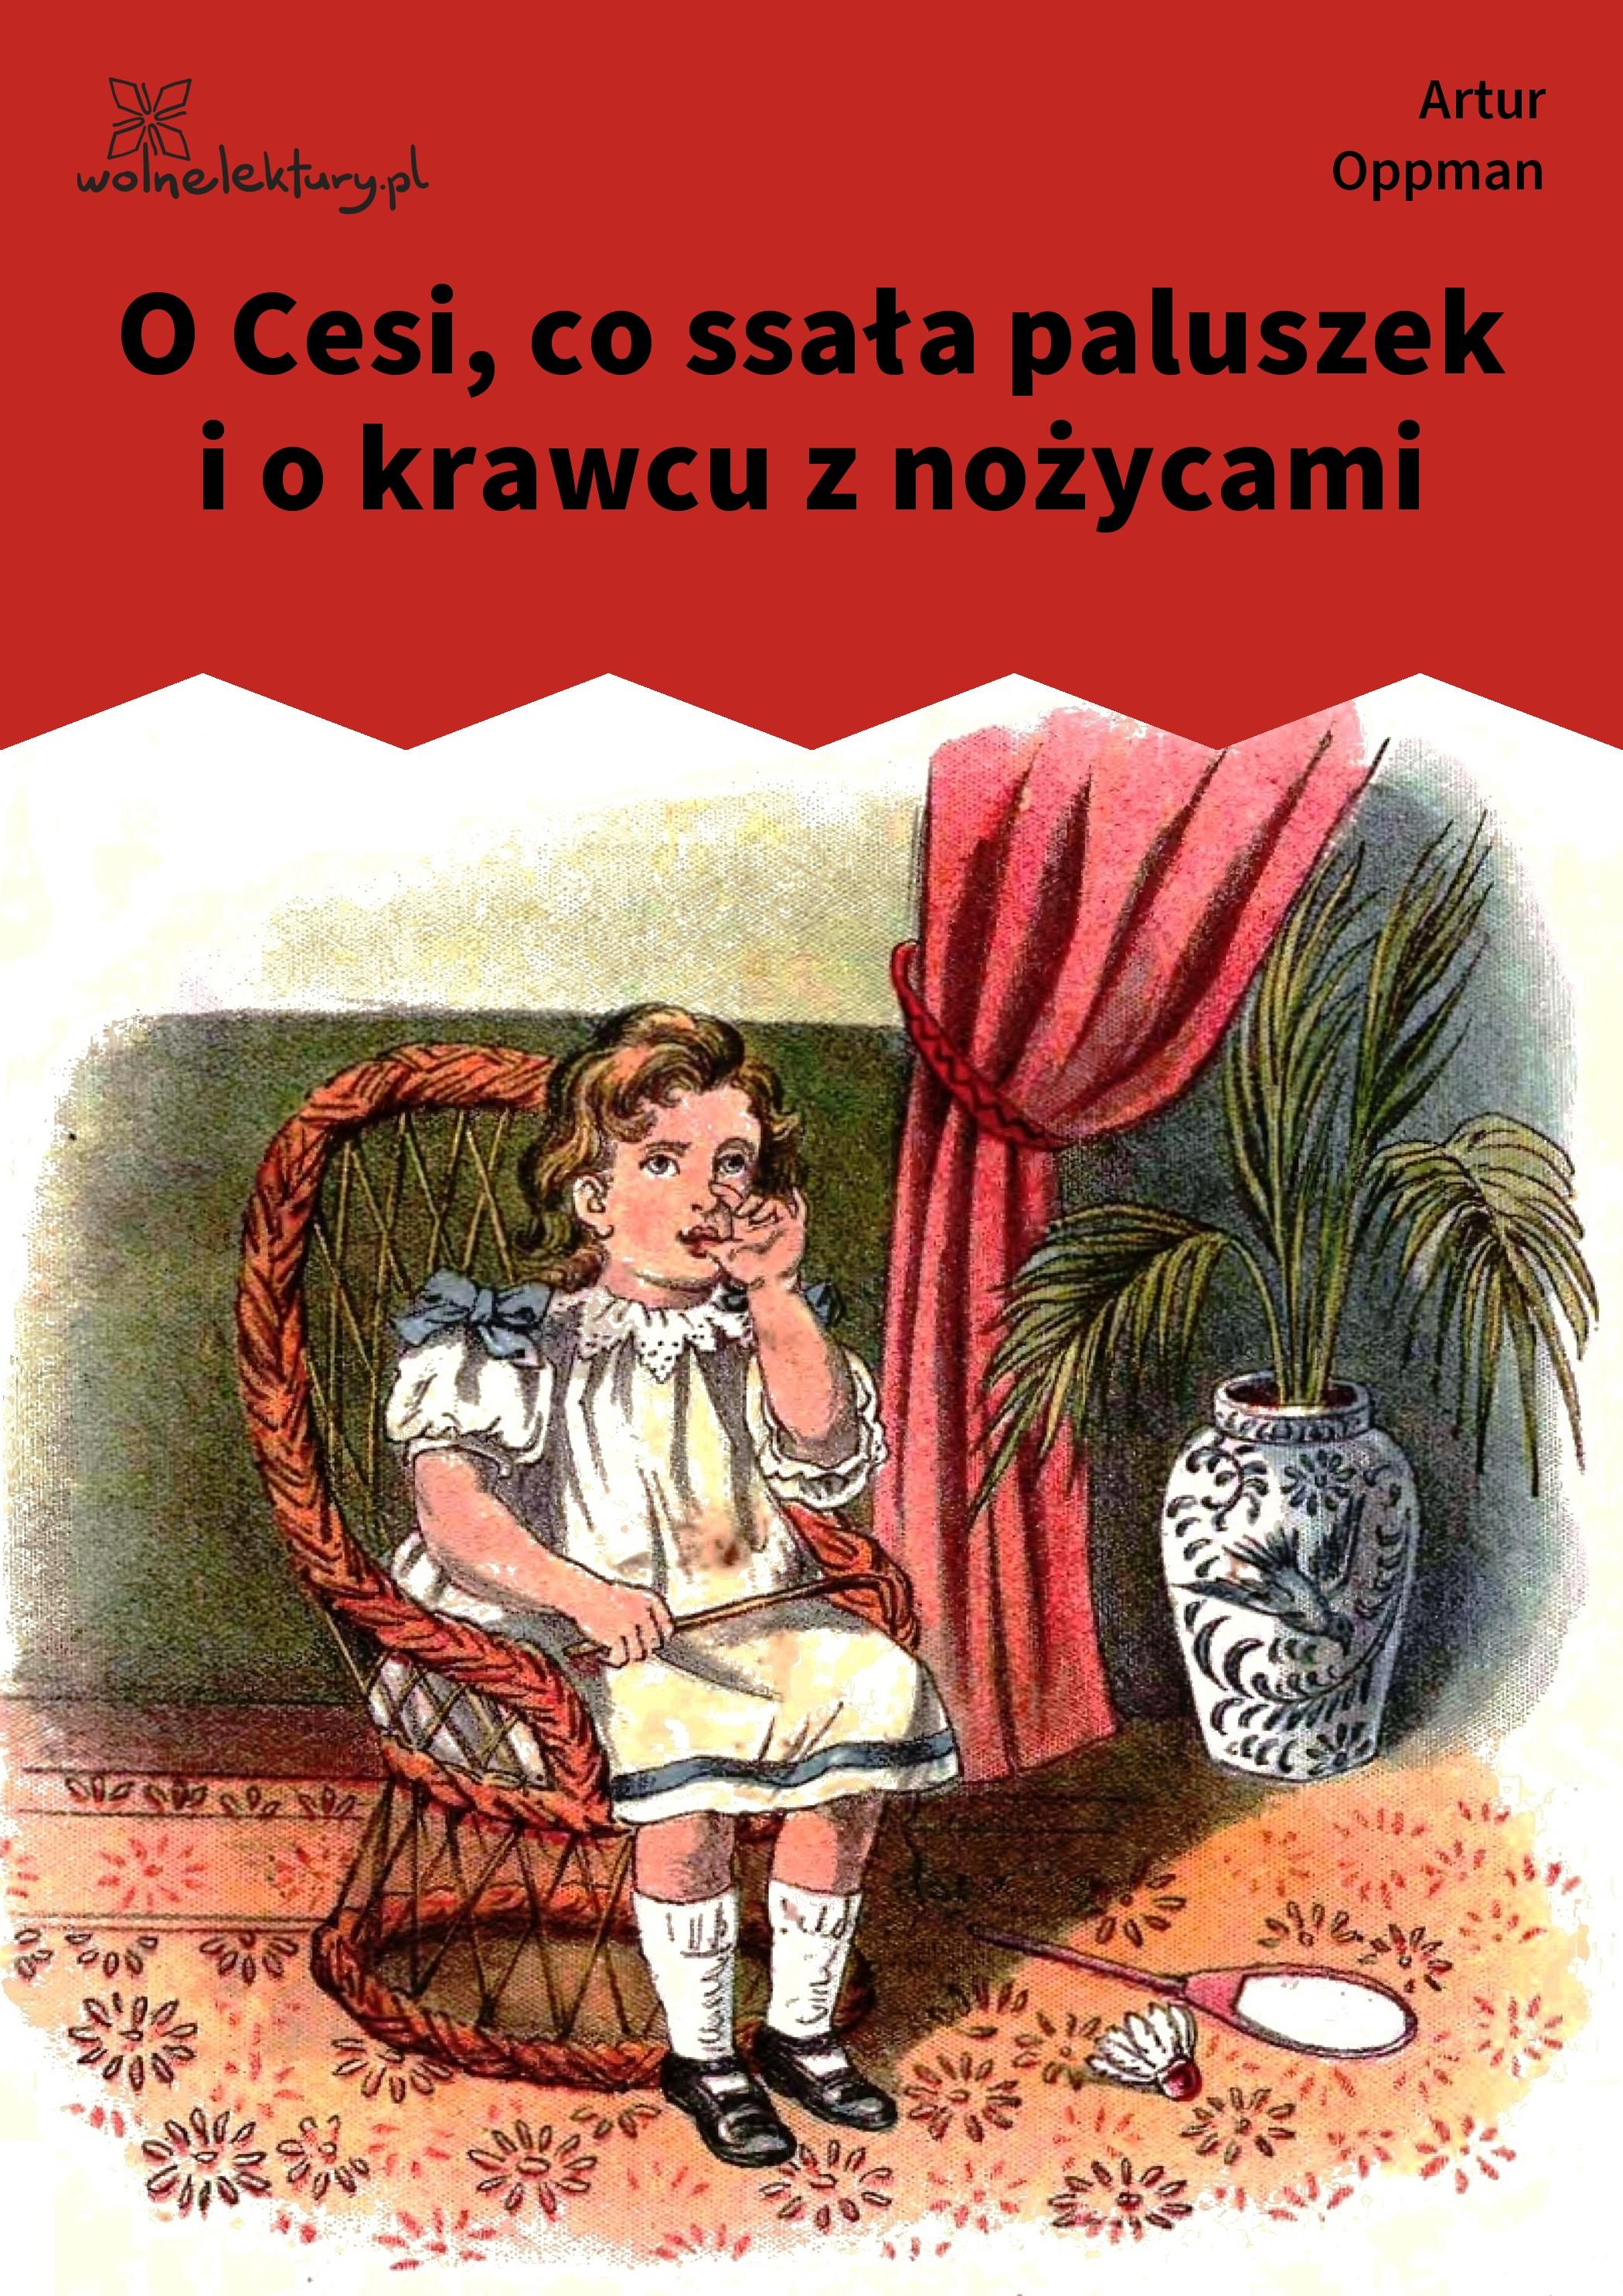 http://wolnelektury.pl/media/book/cover/oppman-o-cesi-co-ssala-paluszek-i-o-krawcu-z-nozycam.jpg